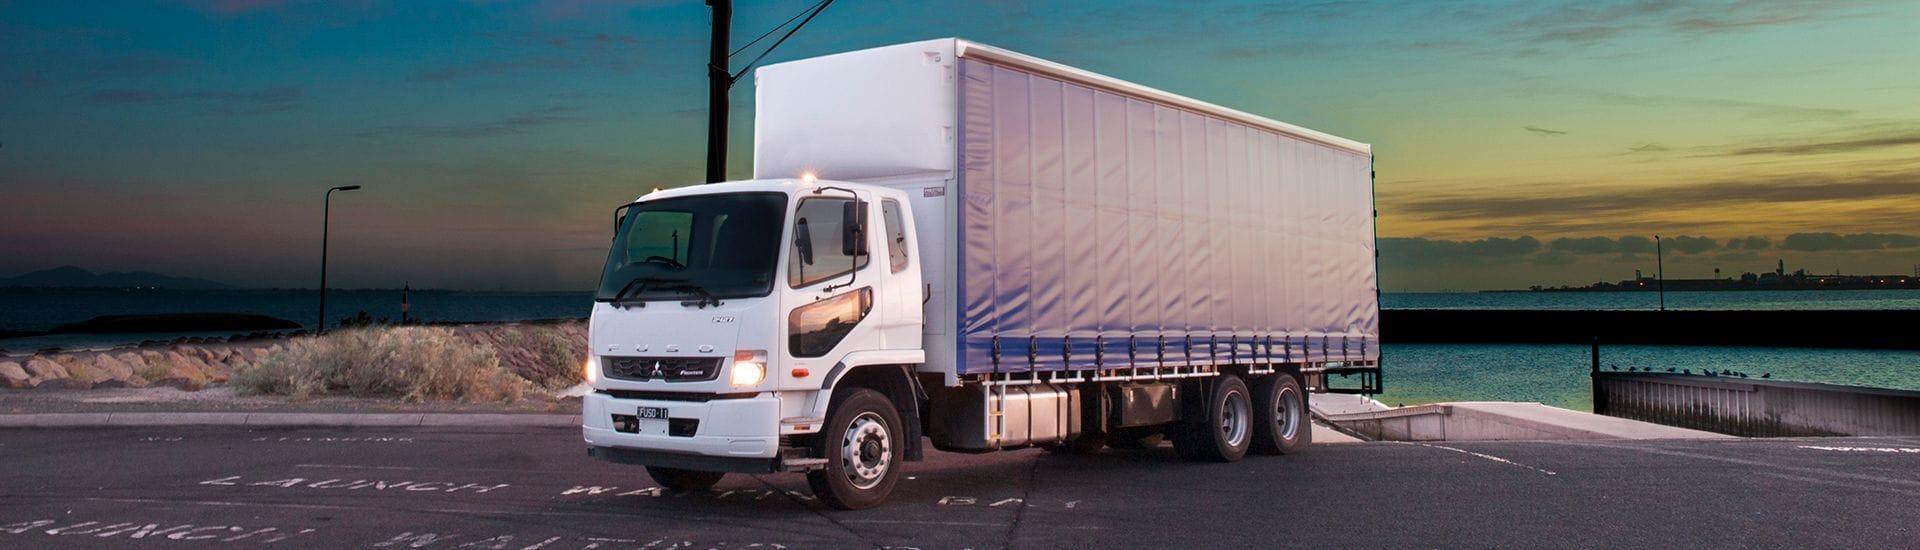 Finance and Insurance | Daimler Trucks Wagga & Albury